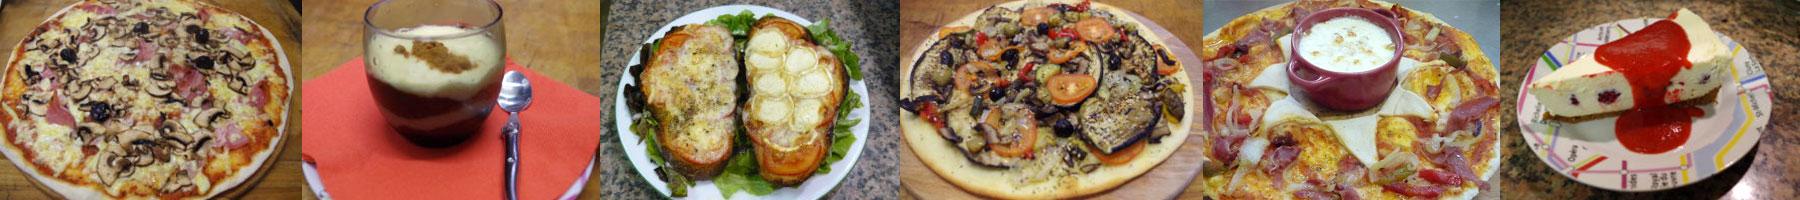 pizzas et desserts proposés par le Brooklyn